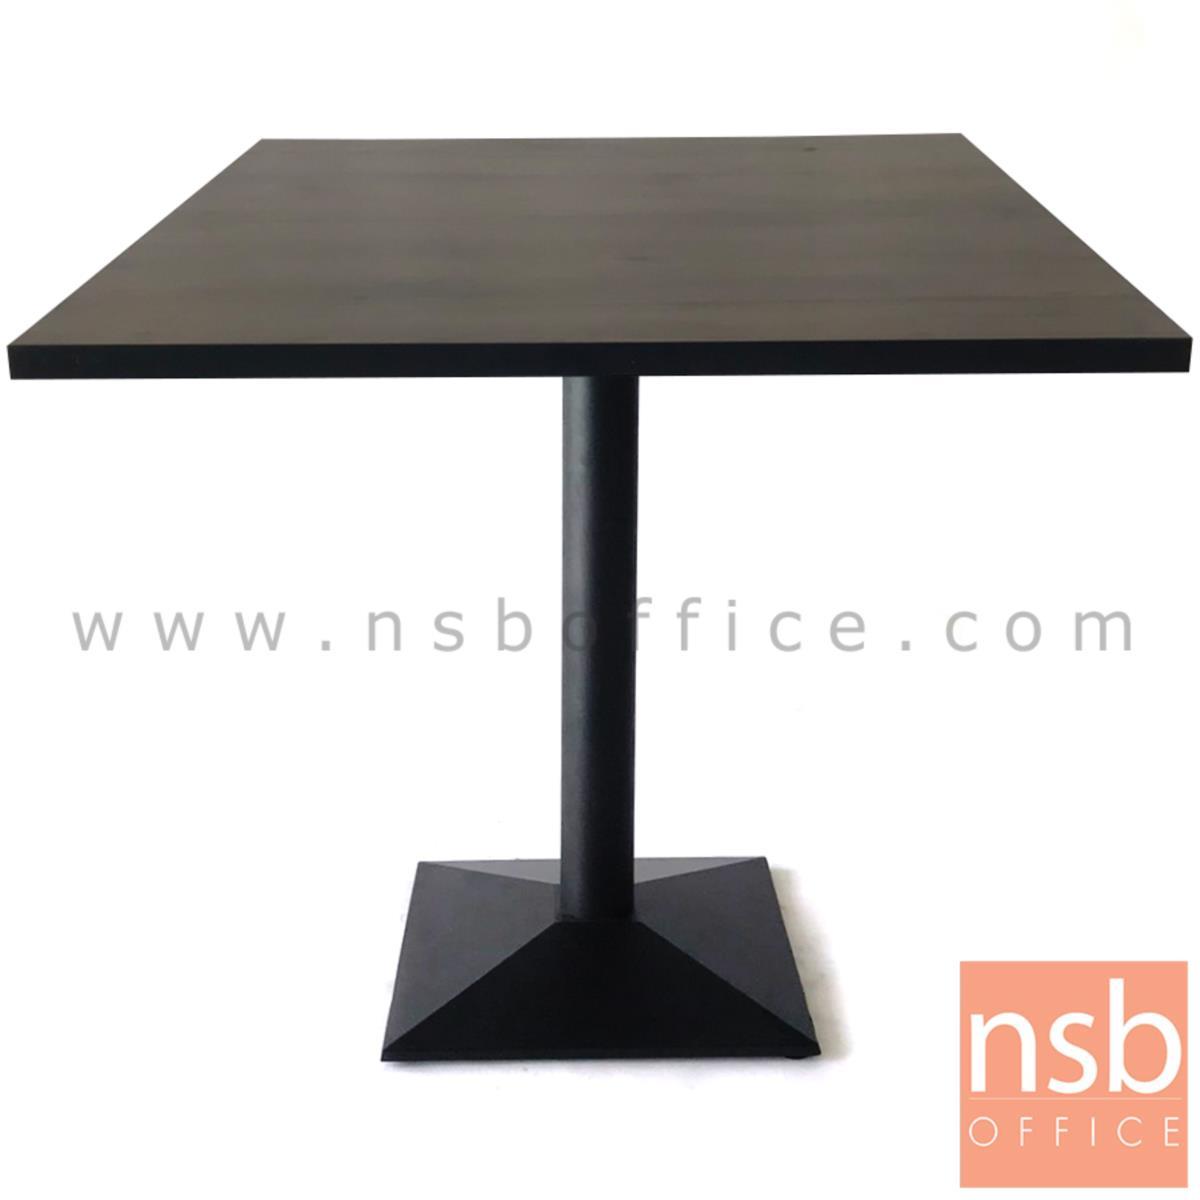 A14A169:โต๊ะบาร์ COFFEE รุ่น Lagerlof (ลอเกร์เลิฟ) ขนาด 60W ,70W ,80W ,60Di ,70Di ,80Di cm.   ขาเหล็กฐานพีระมิดสีดำ